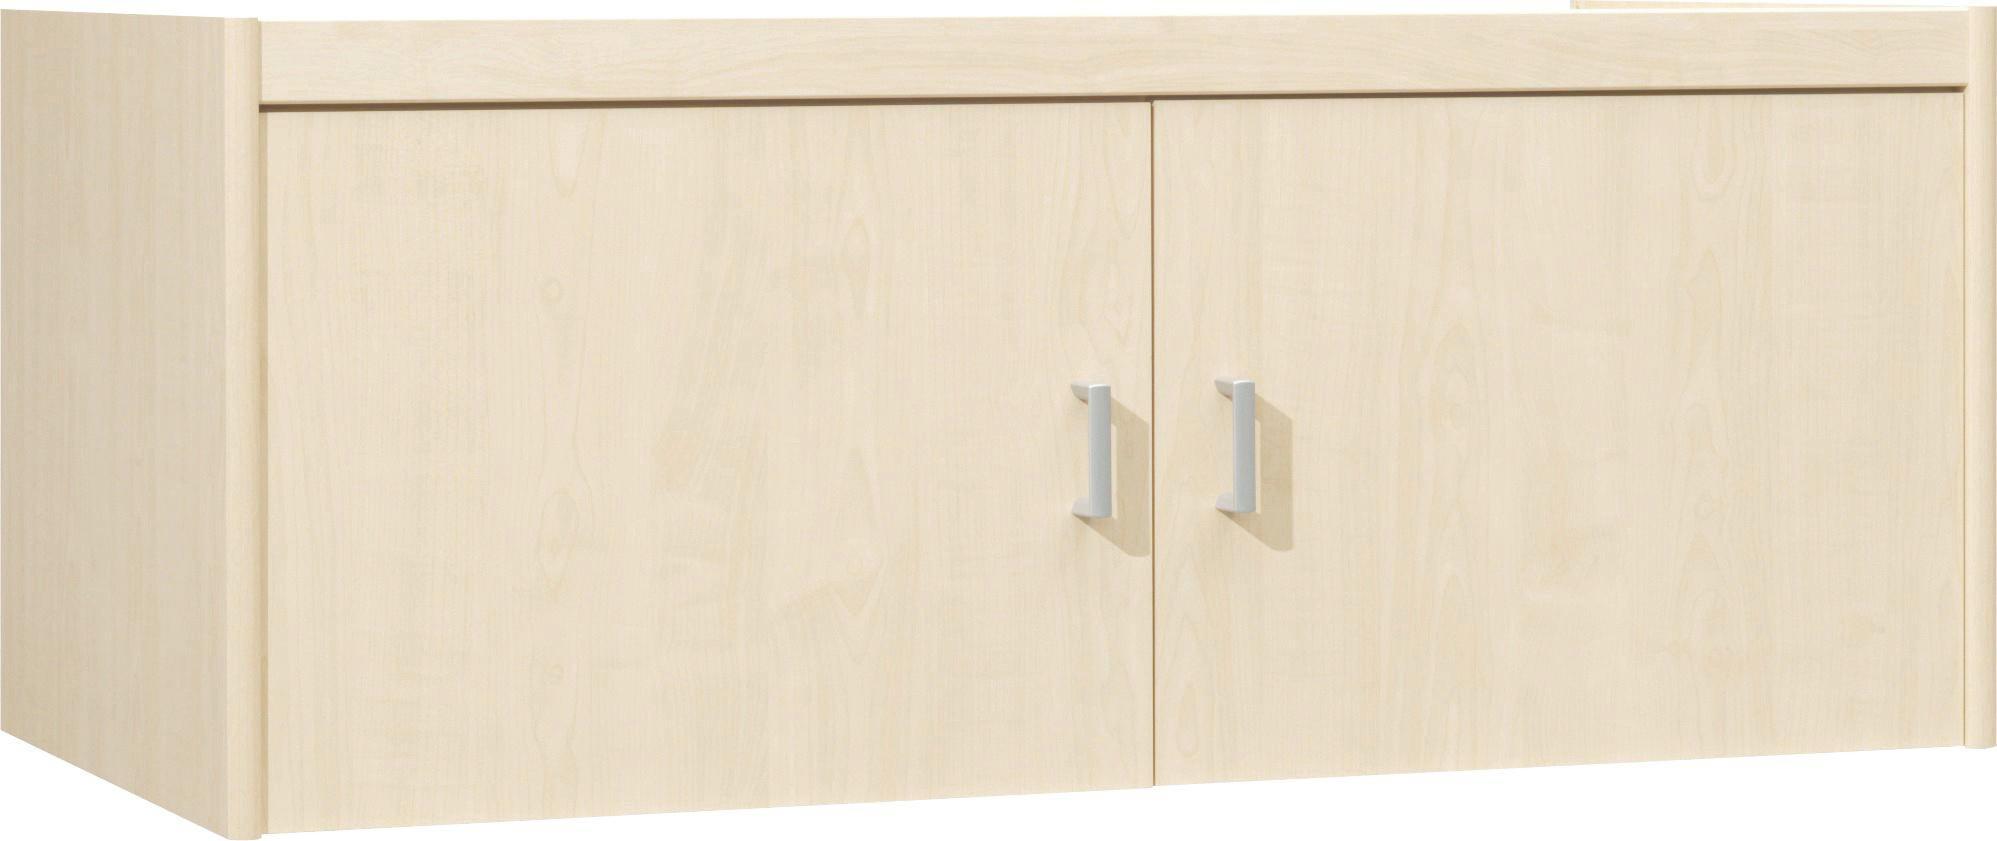 AUFSATZSCHRANK 106/43/54 cm Ahornfarben - Silberfarben/Ahornfarben, Design, Kunststoff (106/43/54cm) - CS SCHMAL